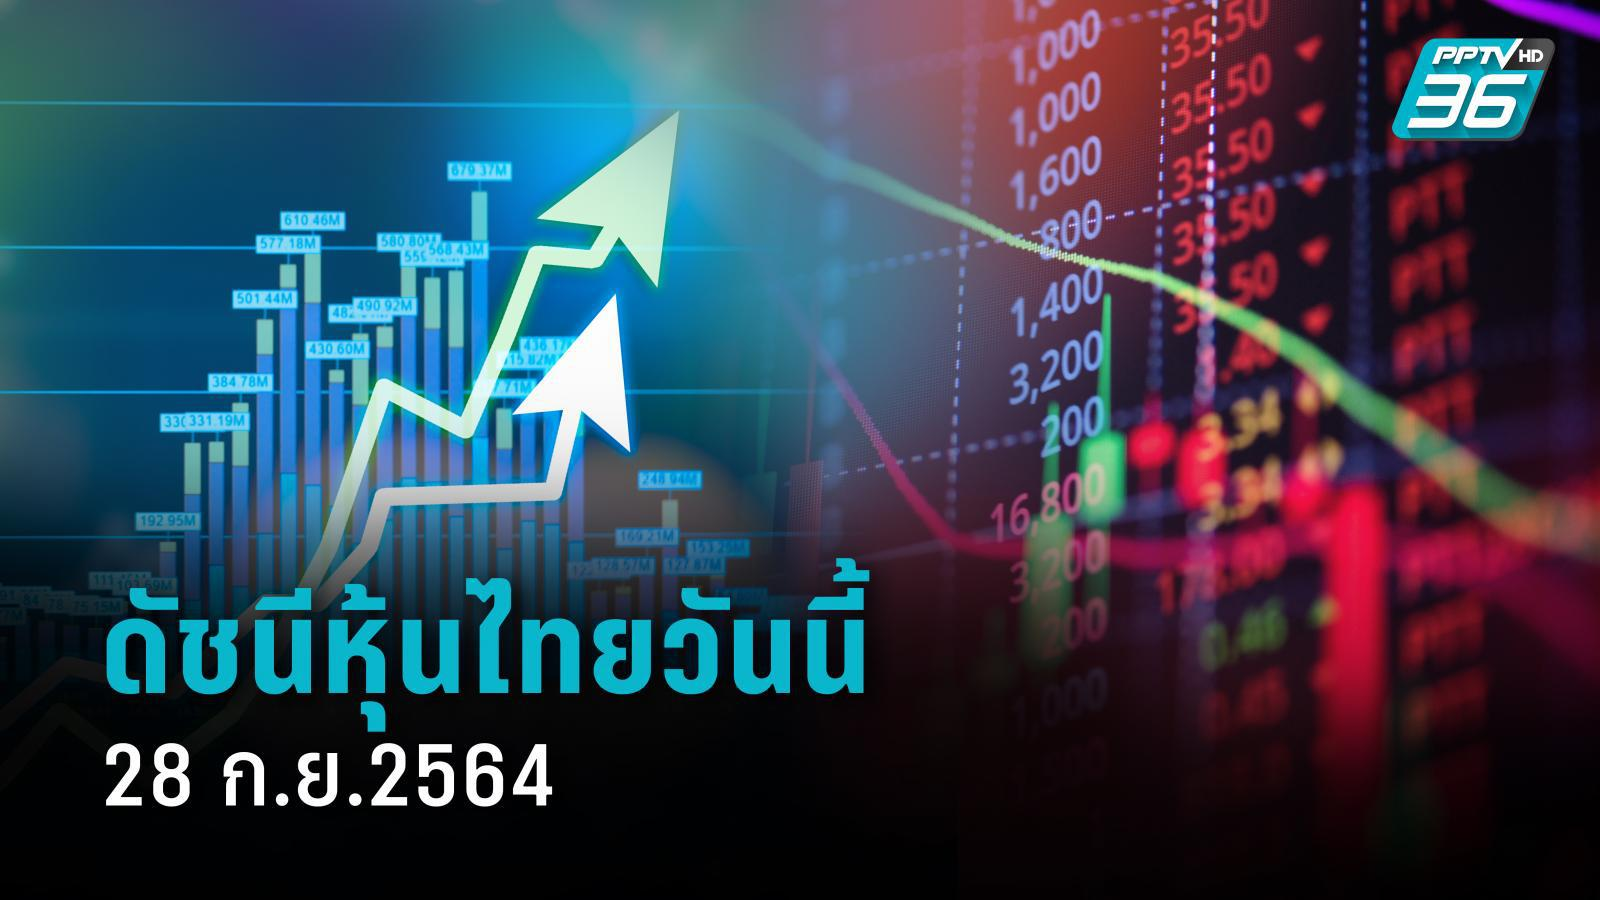 หุ้นไทย (28 ก.ย.64) ปิดการซื้อขายลดลง -3.52 จุด